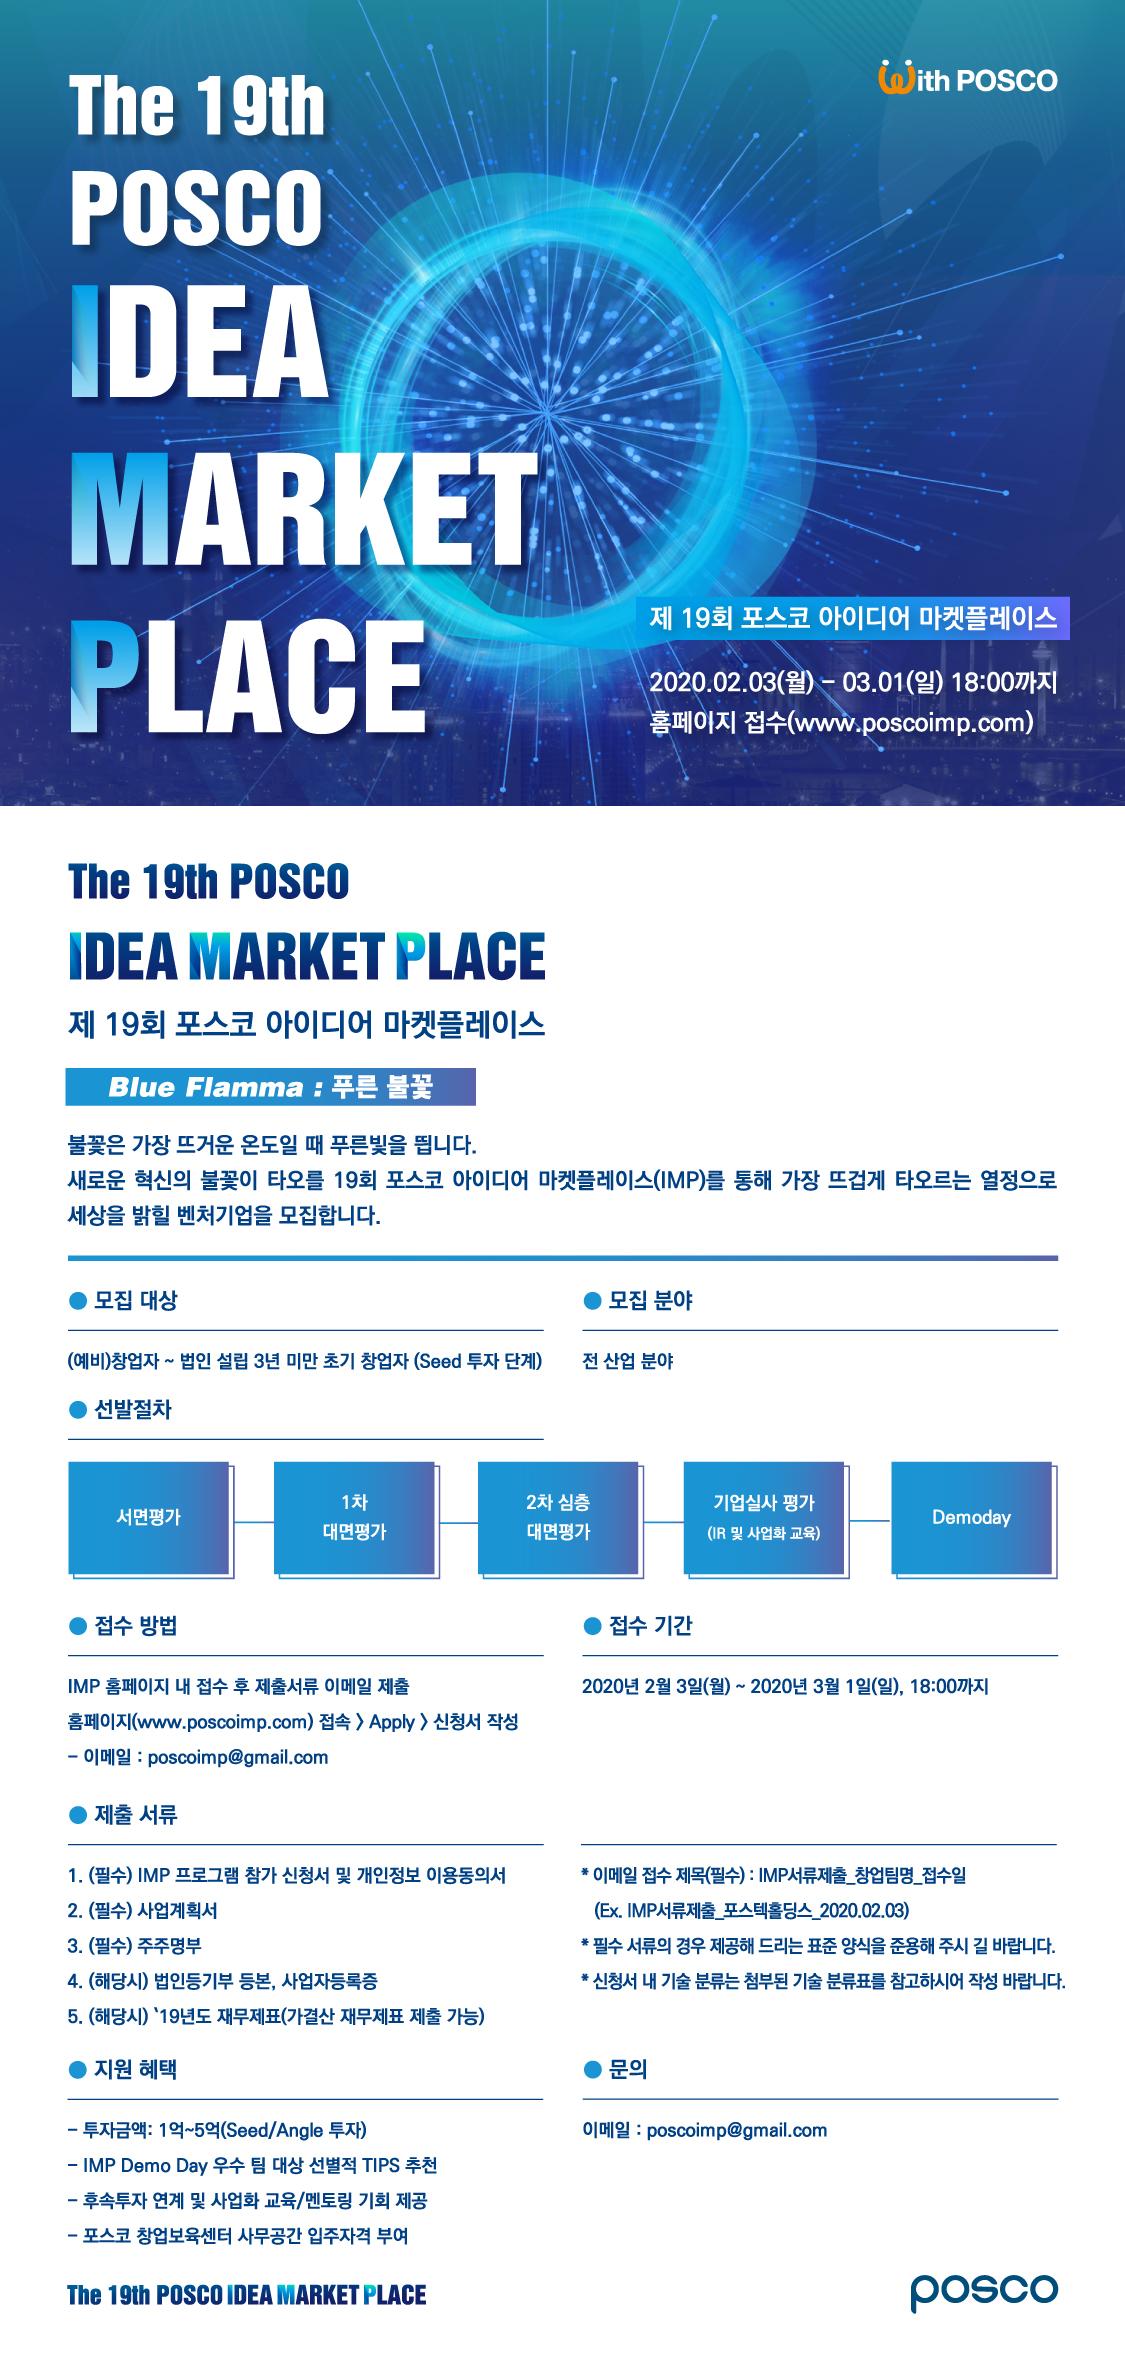 푸른 혁신으로 세상을 밝힐 '제19회 포스코 아이디어 마켓플레이스(IMP)'에 참가할 대한민국의 열정 넘치는 벤처기업을 모집한다는 포스터. 포스터 위쪽에는 푸른불꽃사진이있다. 사진 위 좌측에는 The 19th POSCO IDEA MARKET PLACE 우측에는 제 19회 포스코 아이디어 마켓플레이스 2020.02.03.(월)-03.01(일) 18:00까지 홈페이지 접수(www.poscoimp.com) 포스터하단에는 The 19th POSCO IDEA MARKET PLACE 제19회 포스코 아이디어 마켓플레이스 Blue Flamma : 푸른불꽃 . 불꽃은 가장 뜨거운 온도일 때 푸른빛을 띕니다. 새로운 혁신의 불꽃이 타오를 19회 포스코 아이디어 마켓플레이스(IMP)를 통해 가장 뜨겁게 타오르는 열정으로 세상을 밝힐 벤처기업을 모집합니다. ●모집대상.(예비)창업자~법인 설립 3년 미만 초기 창업자(Seed투자단계) ●모집분야. 전 산업 분야 ●선발절차. 서면평가-1차대면평가-2차심층대면평가-기업실사평가(IR 및 사업화 교육)-Demoday ●접수방법. IMP홈페이지 내 접수 후 제출서류 이메일 제출, 홈페이지(www.poscoimp.com)접속>Apply>신청서작성 -이메일 : poscoimp@gmail.com ●접수기간. 2020년 2월 3일(월) ~ 2020년 3월 1일(일), 18:00까지 ●제출서류.1.(필수)IMP프로그램 참가 신청서 및 개인정보 이용동의서 2.(필수)사업계획서 3.(필수)주주명부 4.(해당시)법인등기부 등본, 사업자등록증 5. (해당시) 19년도 재무제표(가결산 재무제표 제출 가능' * 이메일 접수 제목(필수) : IMP서류제출_창업팀명_접수일(Ex.IMP서류제출_포스텍홀딩스_2020.02.03.) *필수 서류의 경우 제공해 드리는 표준 양식을 준용해 주시길 바랍니다. *신청서 내 기술 분류는 첨부된 기술 분류표를 참고하시어 작성 바랍니다. ●지원혜택. -투자금액: 1억~5억(Seed/Angle투자) -IMP Demo Day 우수 팀 대상 선별적 TIPS추천 –후속투자 연계 및 사업화 교육/멘토링 기회 제공 –포스코 창업보육센터 사무공간 입주자격 부여 ●문의.이메일:poscoimp@gmail.com 왼쪽 맨아래하단 The 19th POSCO IDEA MARKET PLACE 오른쪽 맨아래하단 POSCO로고